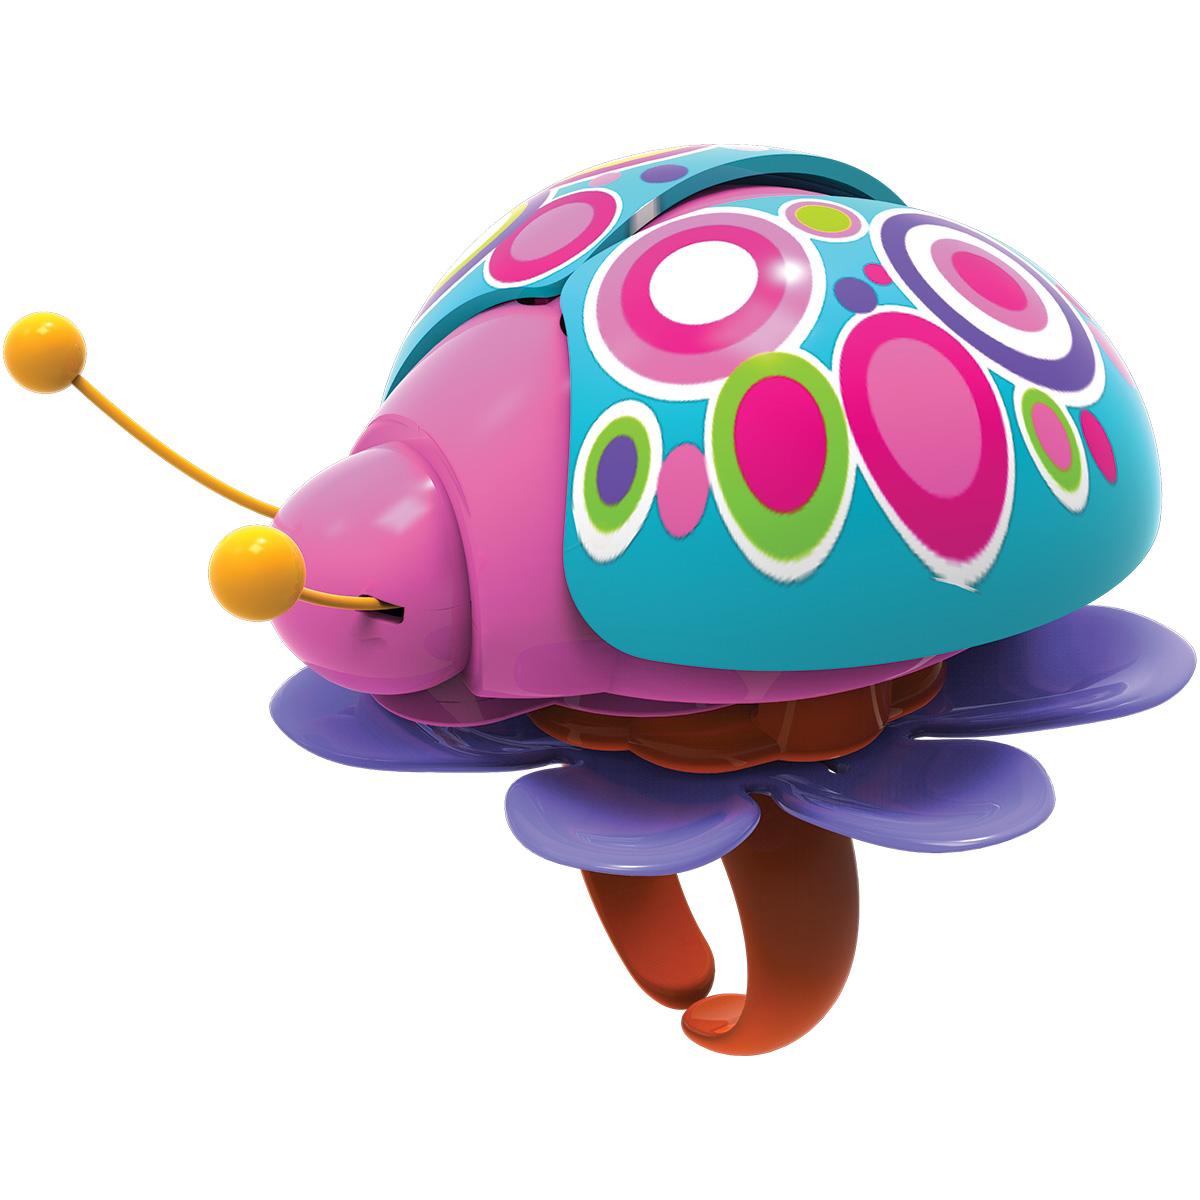 Интерактивная игрушка - Волшебный жучок с кольцомИнтерактивные птички DigiBirds<br>Интерактивная игрушка - Волшебный жучок с кольцом<br>